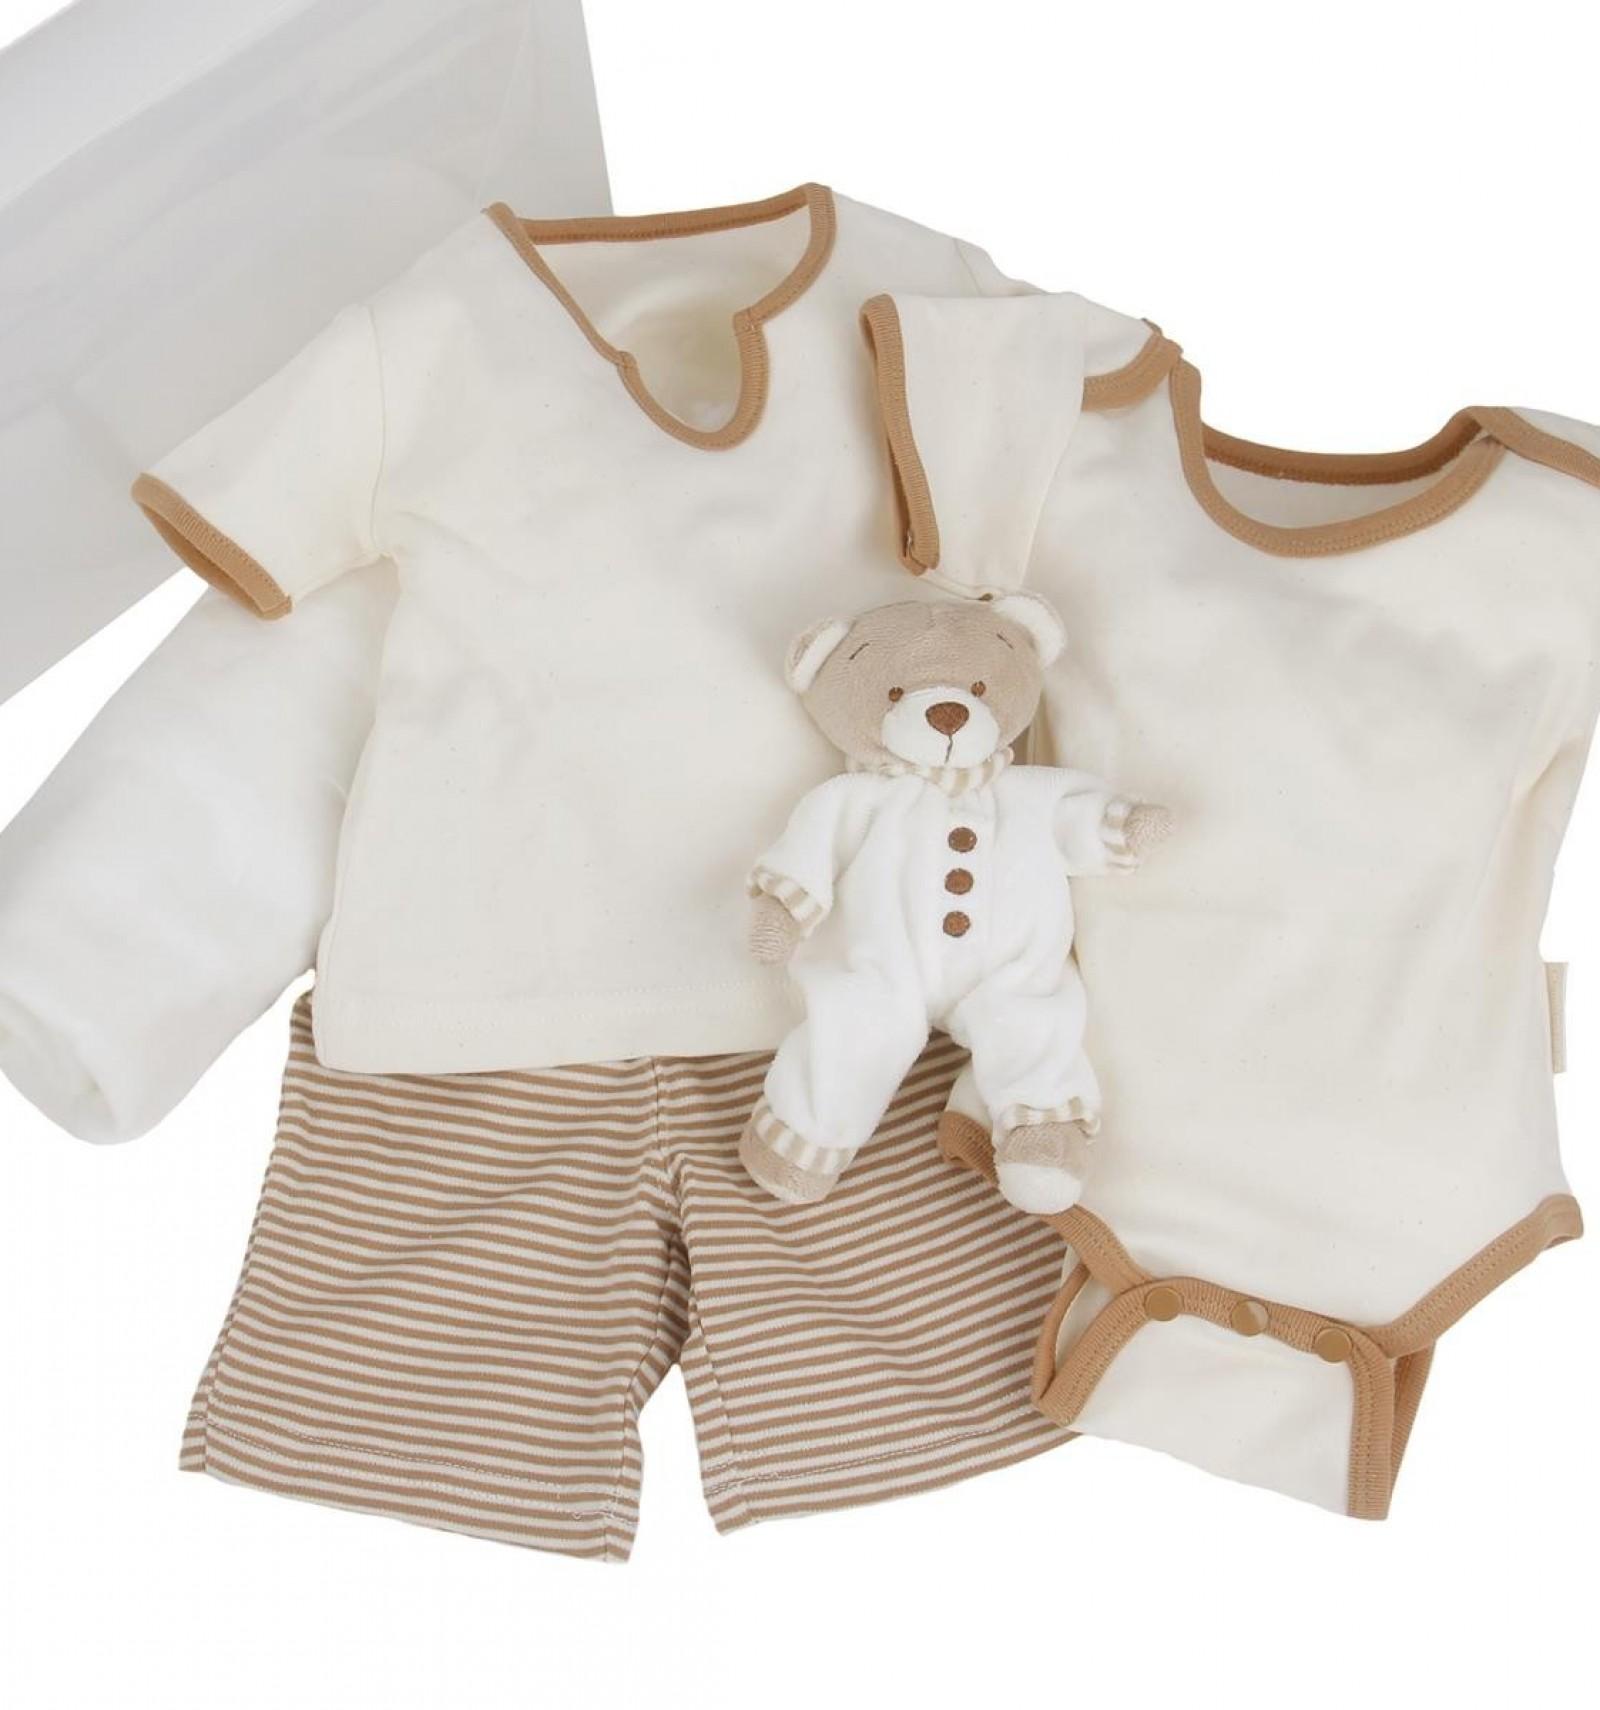 c8b7814b9 Maletin de regalo para bebés y recién nacidos de algodón orgánico de verano  con pijama